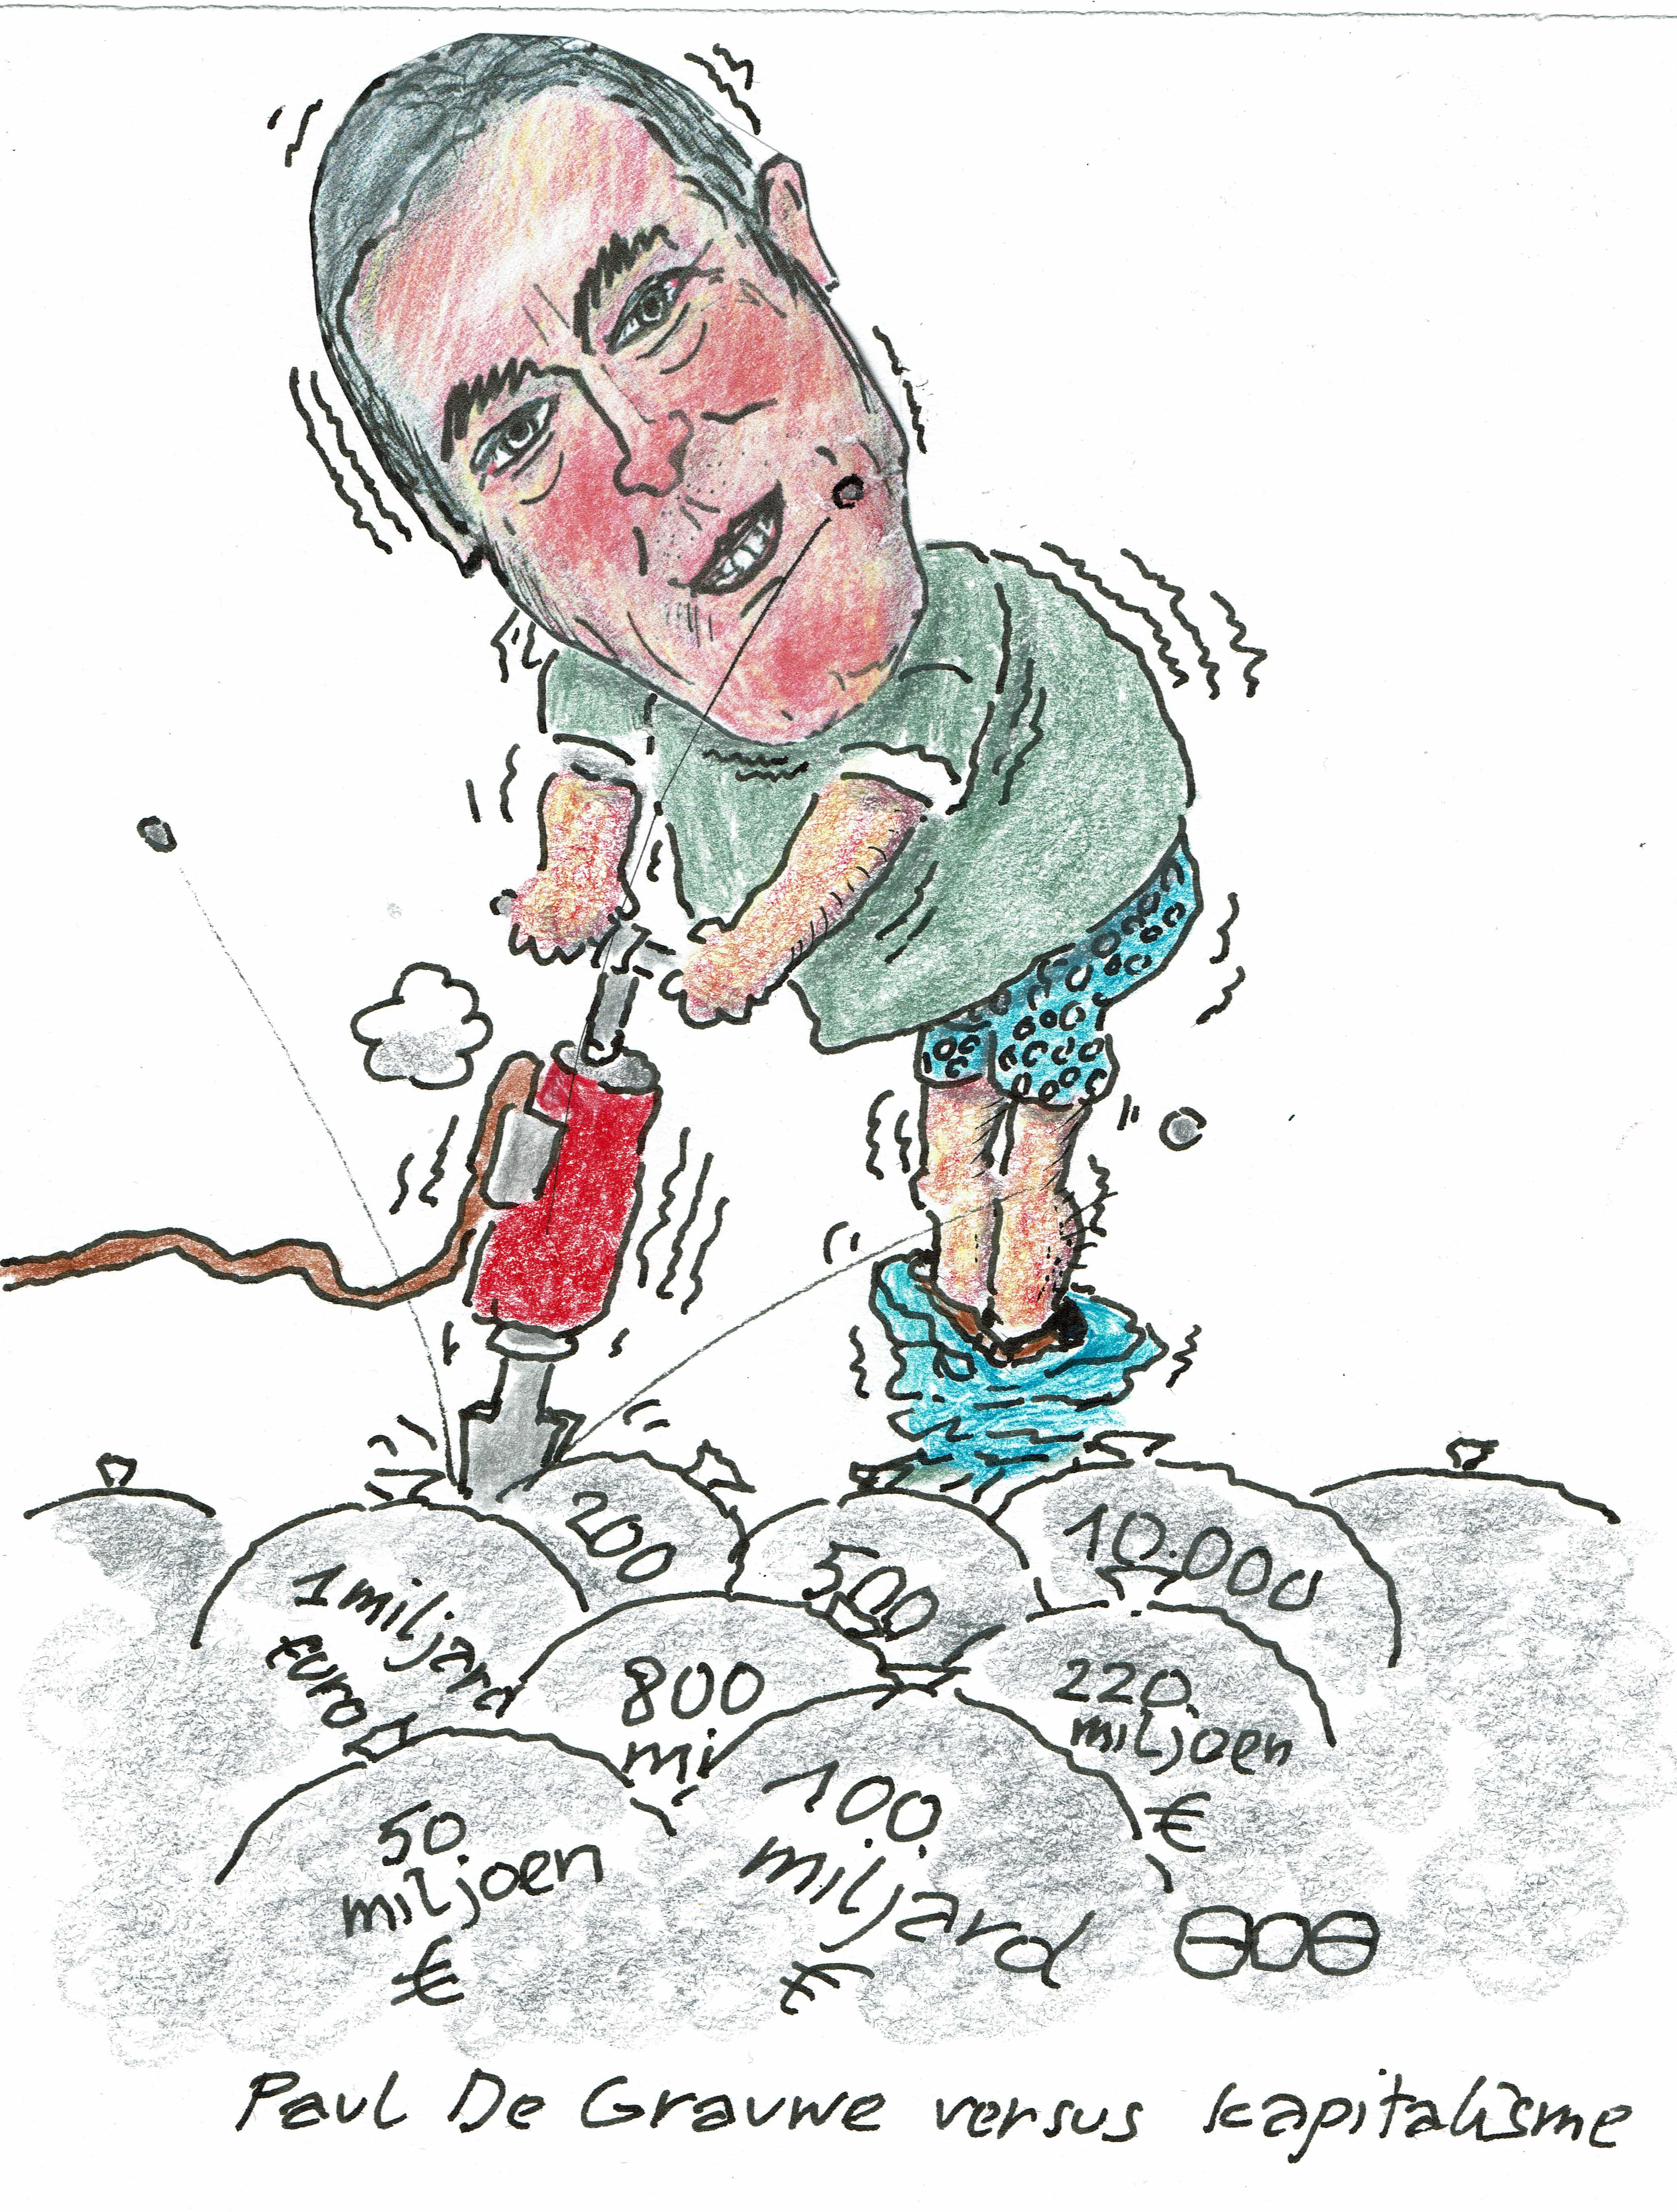 Paul De Grauwe versus kapitalisme_000159